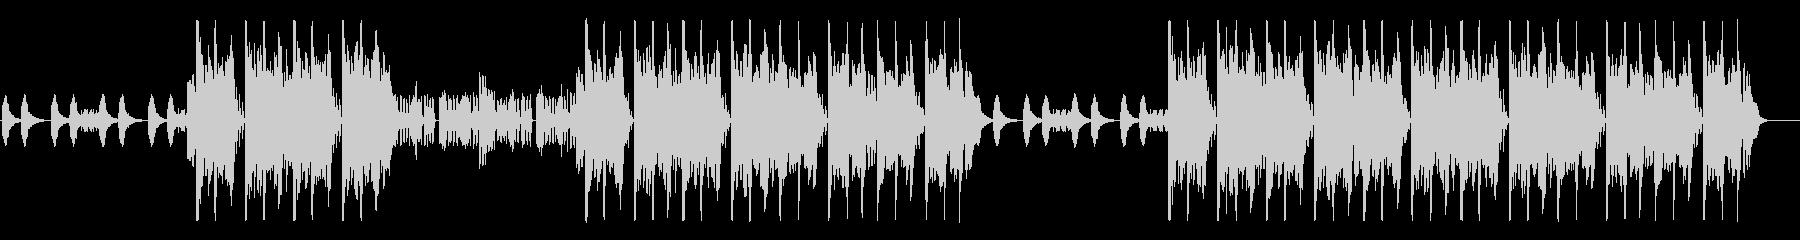 攻撃型HipHopの未再生の波形